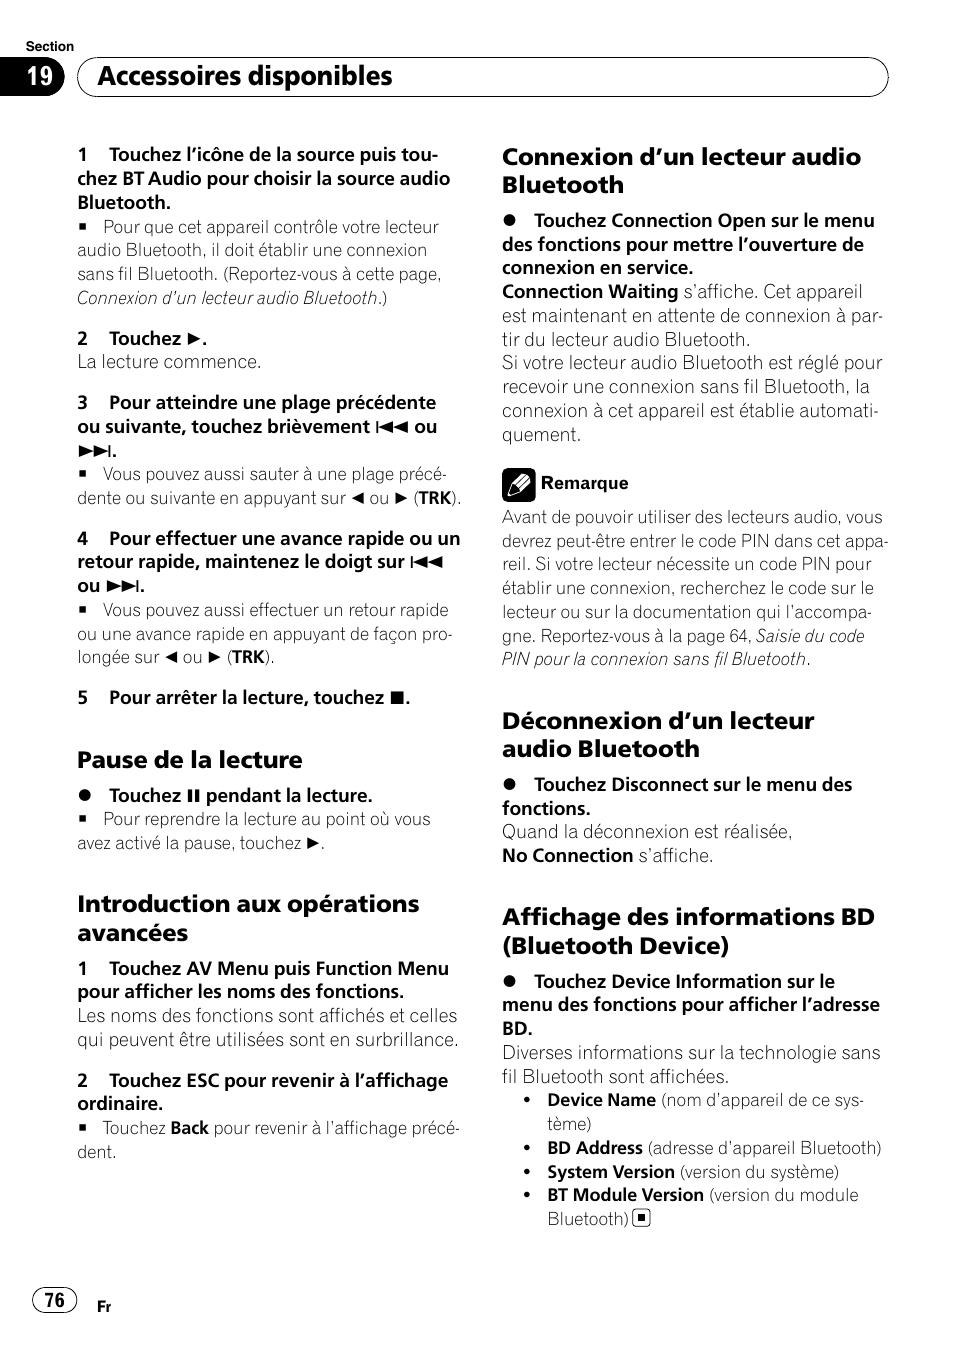 La Connexion Saute Ou Si Votre News Aggregator Pioneer Avh P3100dvd Bluetooth Accessoires Disponibles Pause De Lecture Introduction Aux Oprations Avances